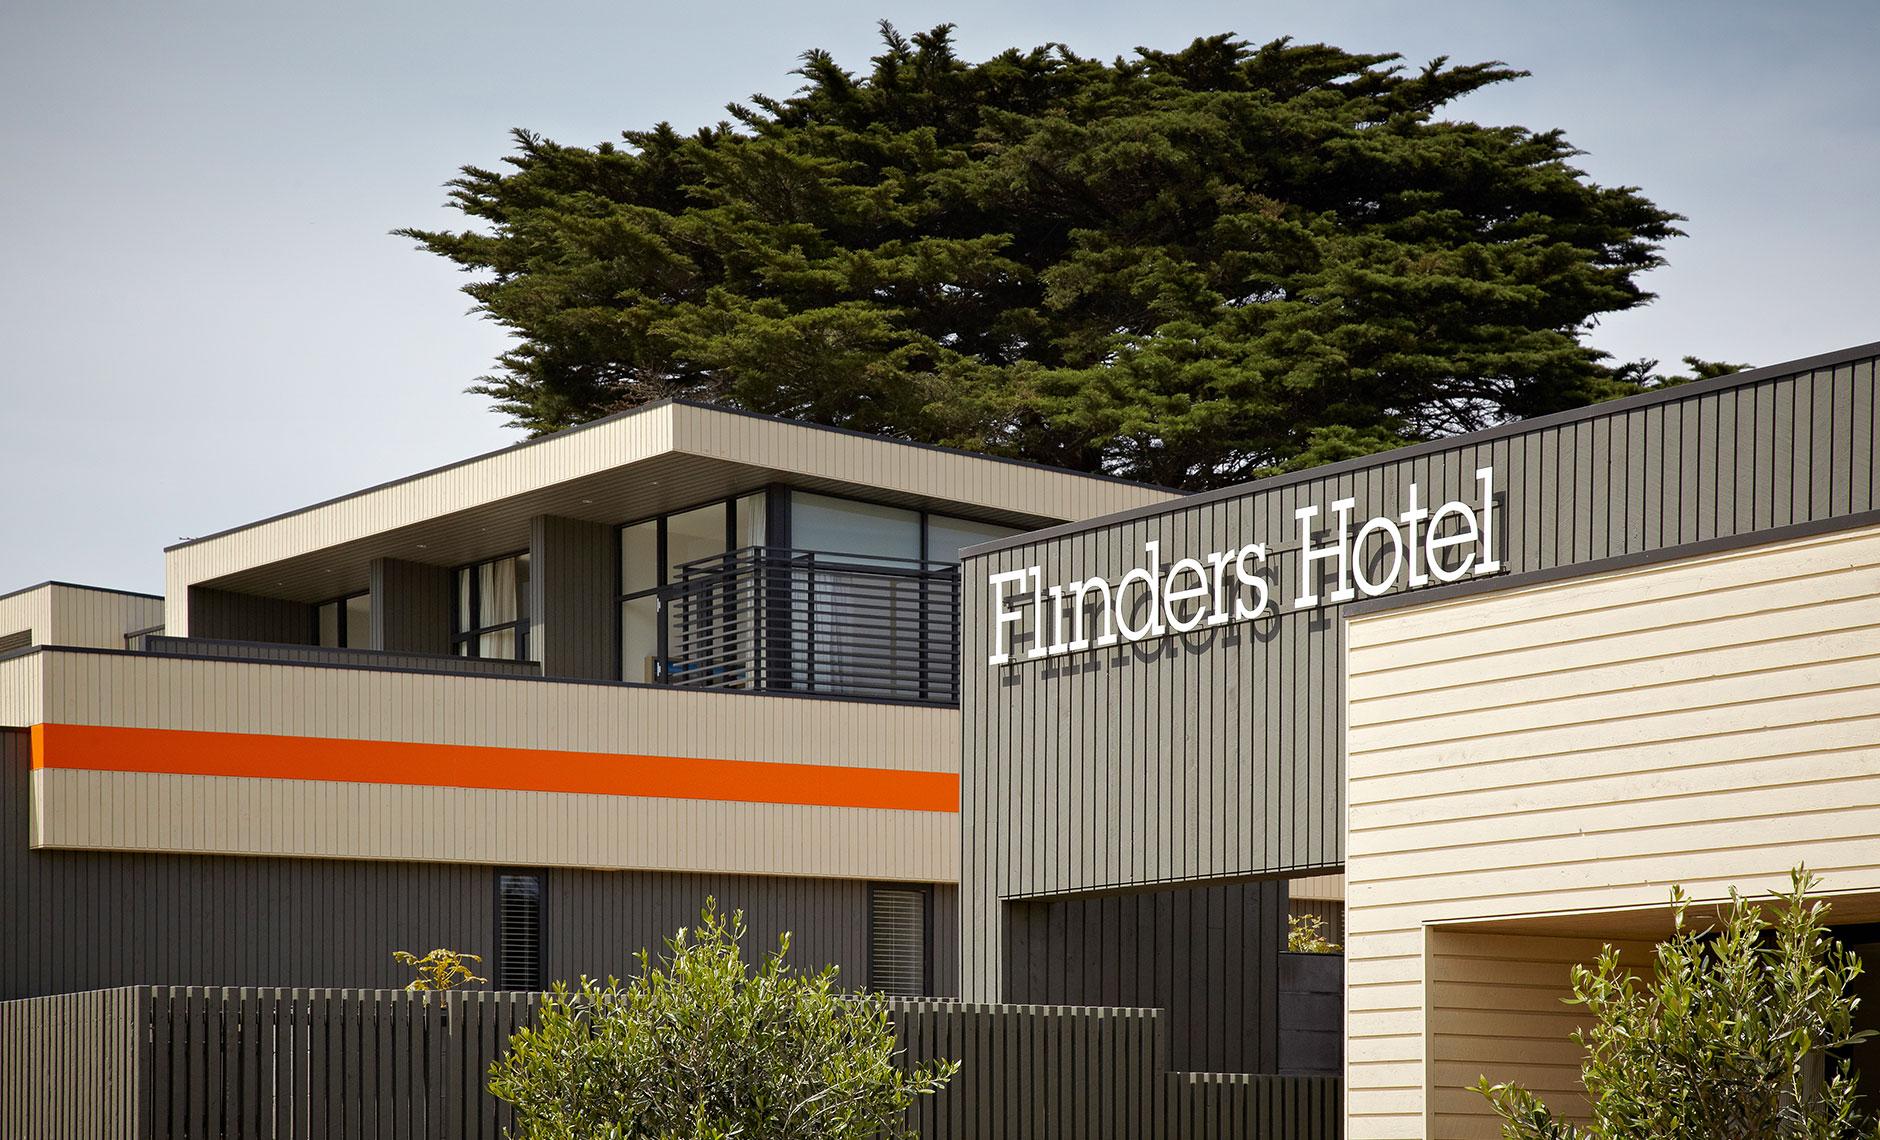 Rothelowman Architecture Flinders, VIC Flinders Hotel